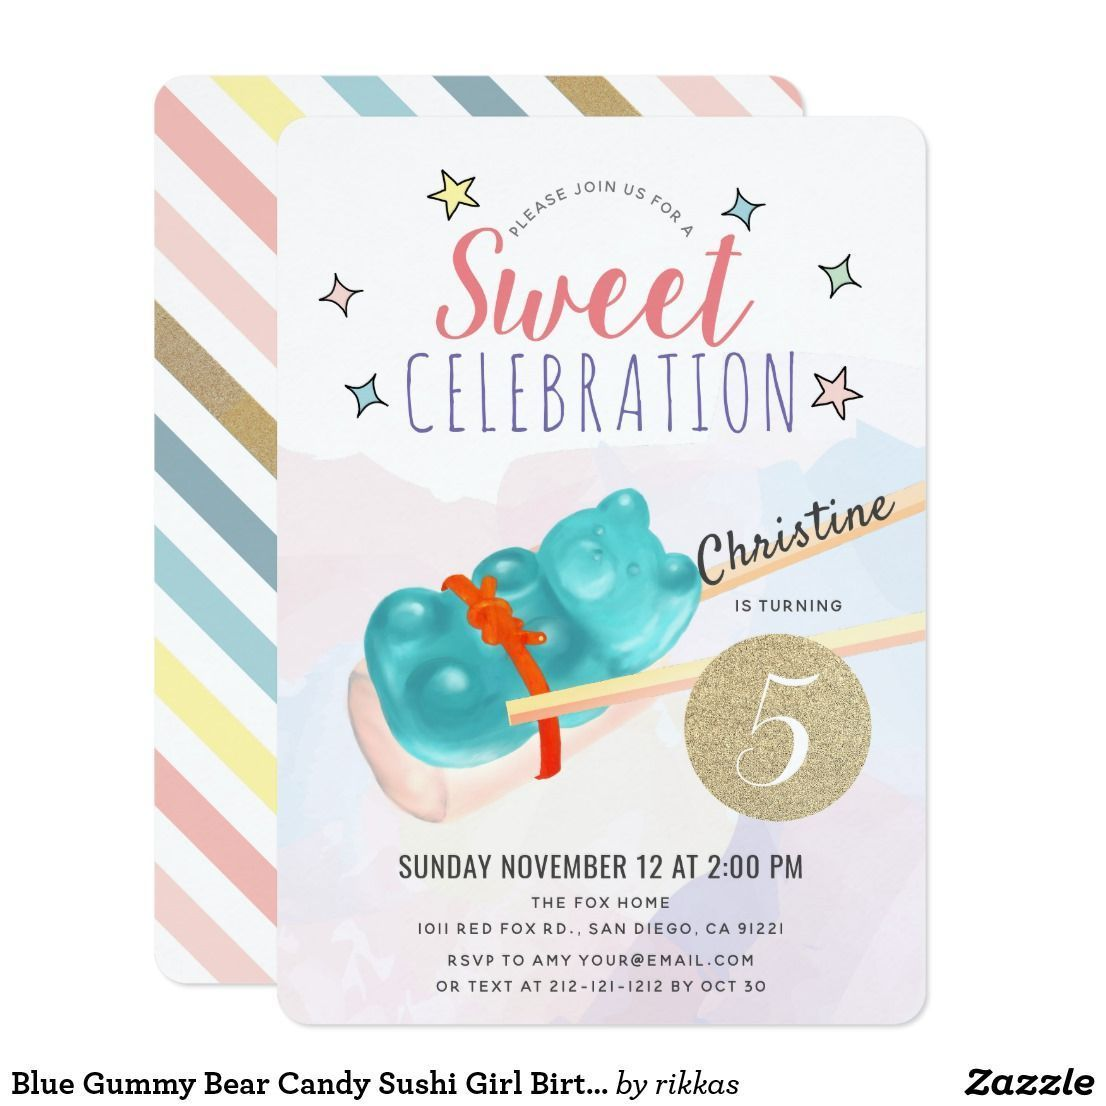 Blue Gummy Bear Candy Sushi Girl Birthday Invitation | Zazzle.com #candysushi Blue Gummy Bear Candy Sushi Girl Birthday Invitation #candysushi Blue Gummy Bear Candy Sushi Girl Birthday Invitation | Zazzle.com #candysushi Blue Gummy Bear Candy Sushi Girl Birthday Invitation #candysushi